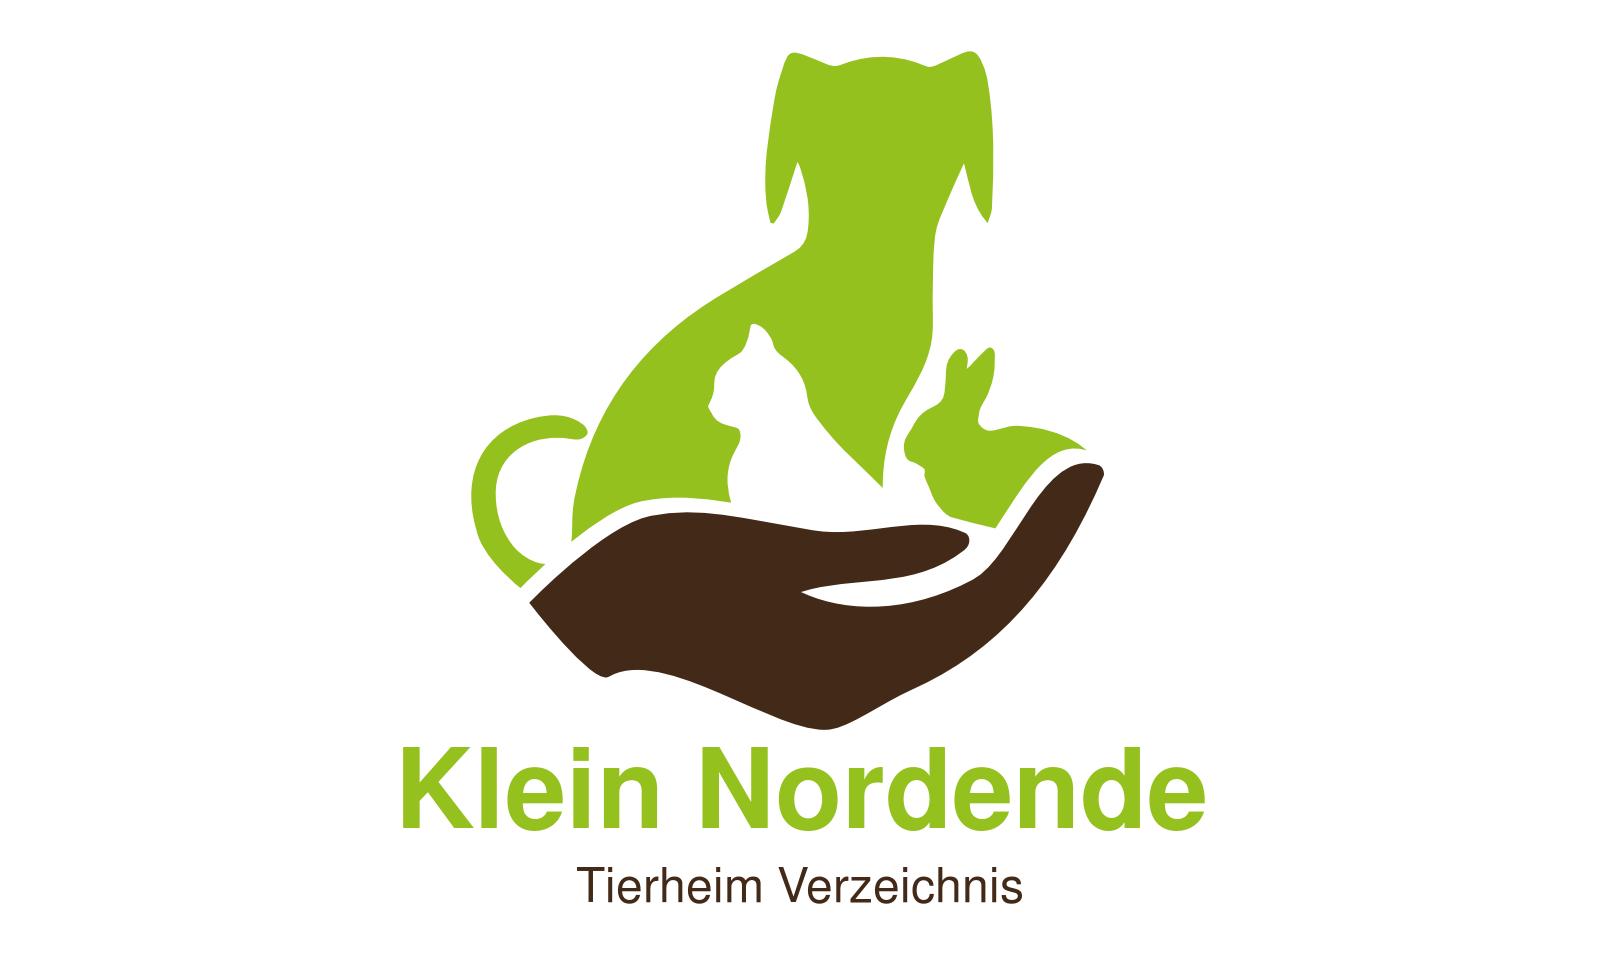 Tierheim Klein Nordende